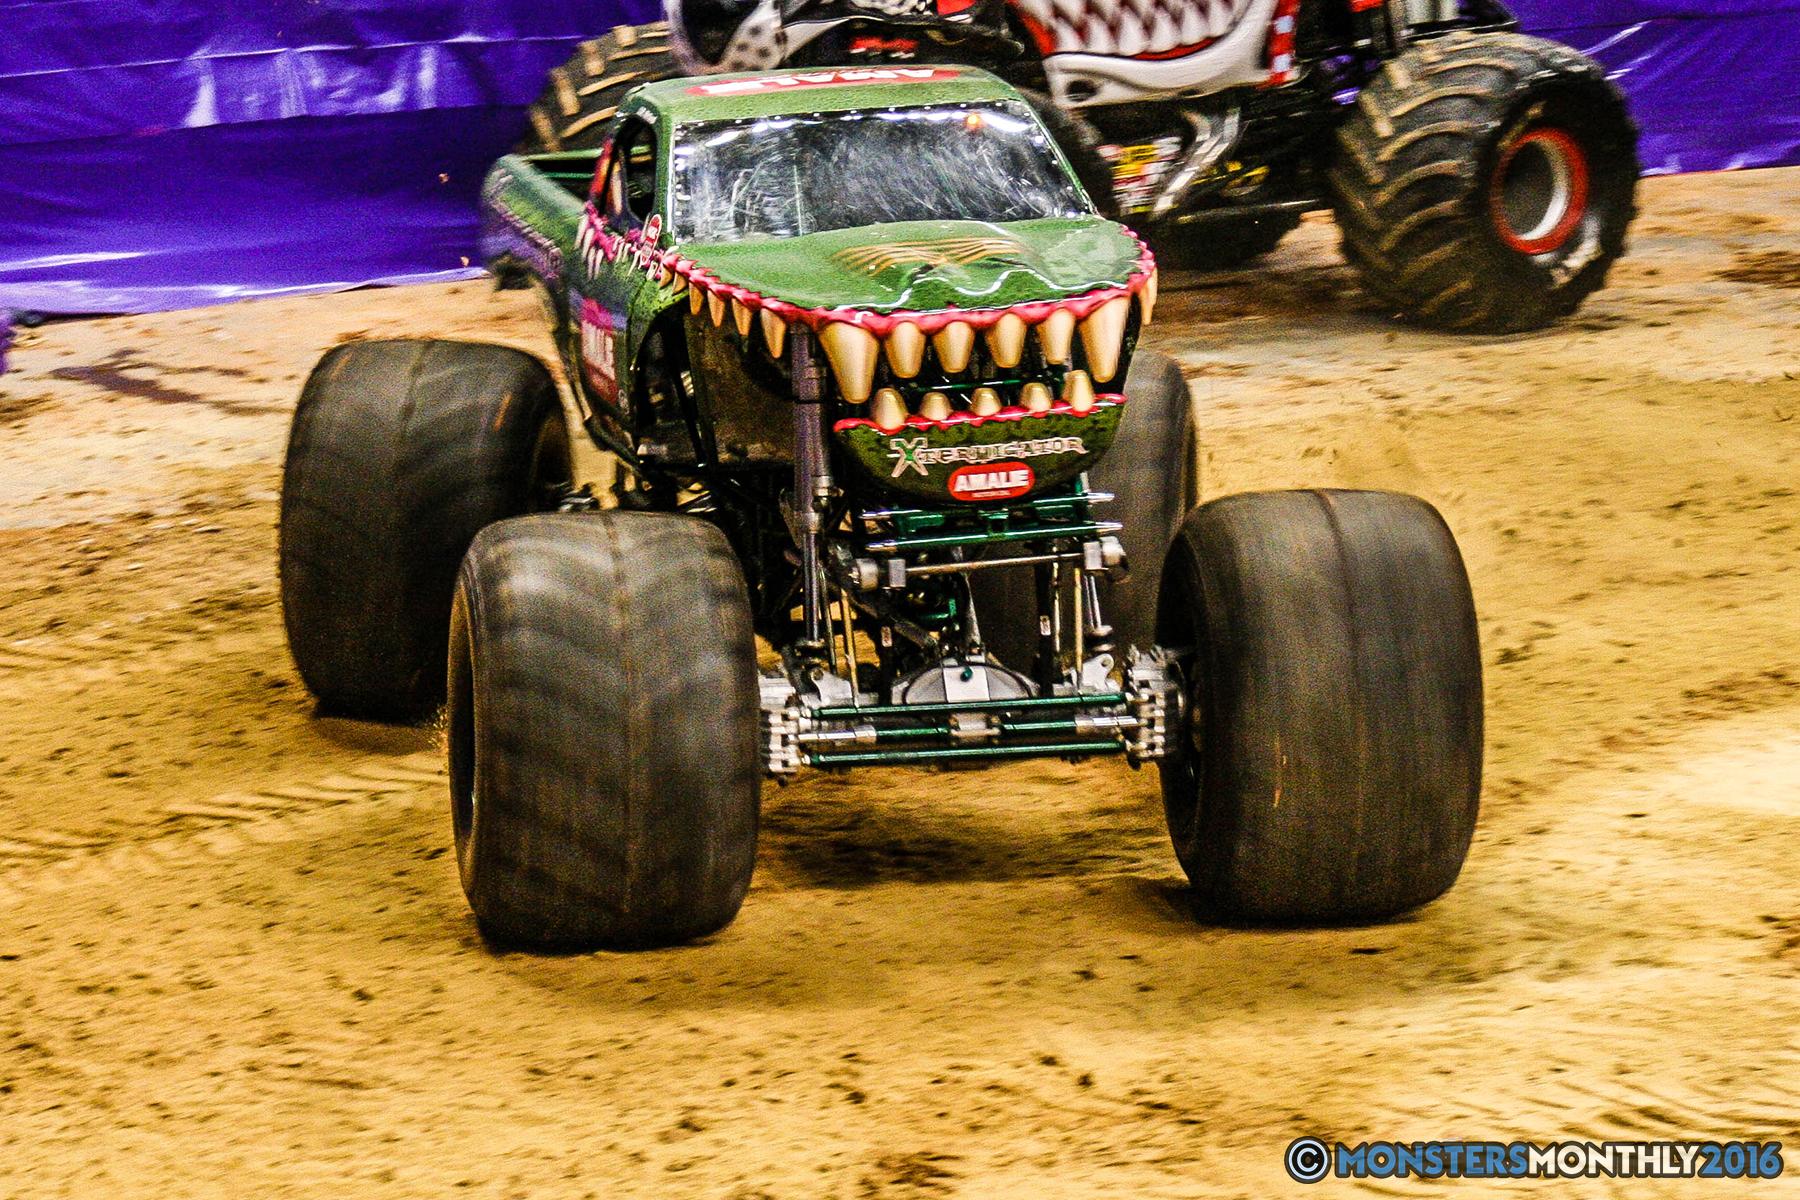 06-monster-jam-utc-mckenzie-arena-chattanooga-tennessee-monstersmonthly-monster-truck-race-gravedigger-monstermutt-xtermigator-razin-kane-doomsday-captainscurse-2016.jpg